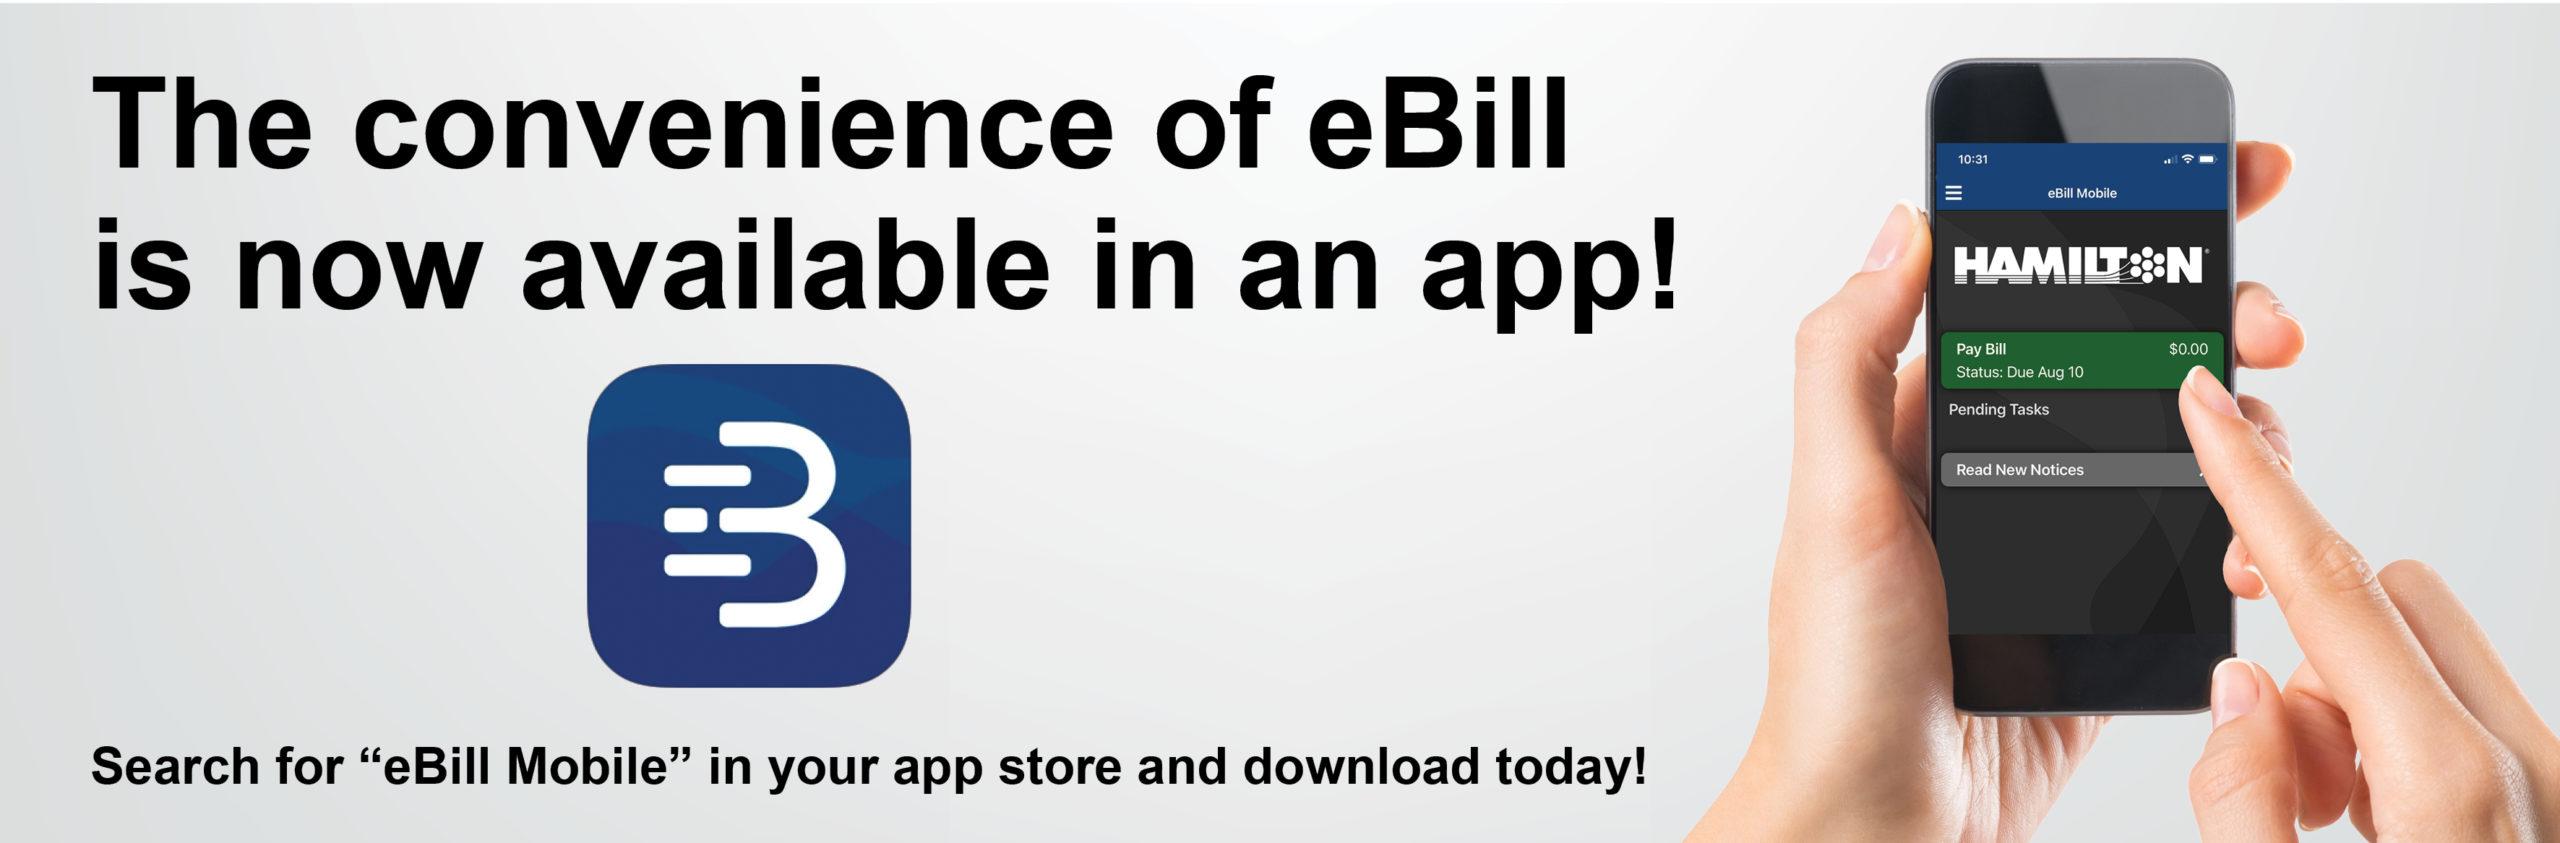 eBill App now available.